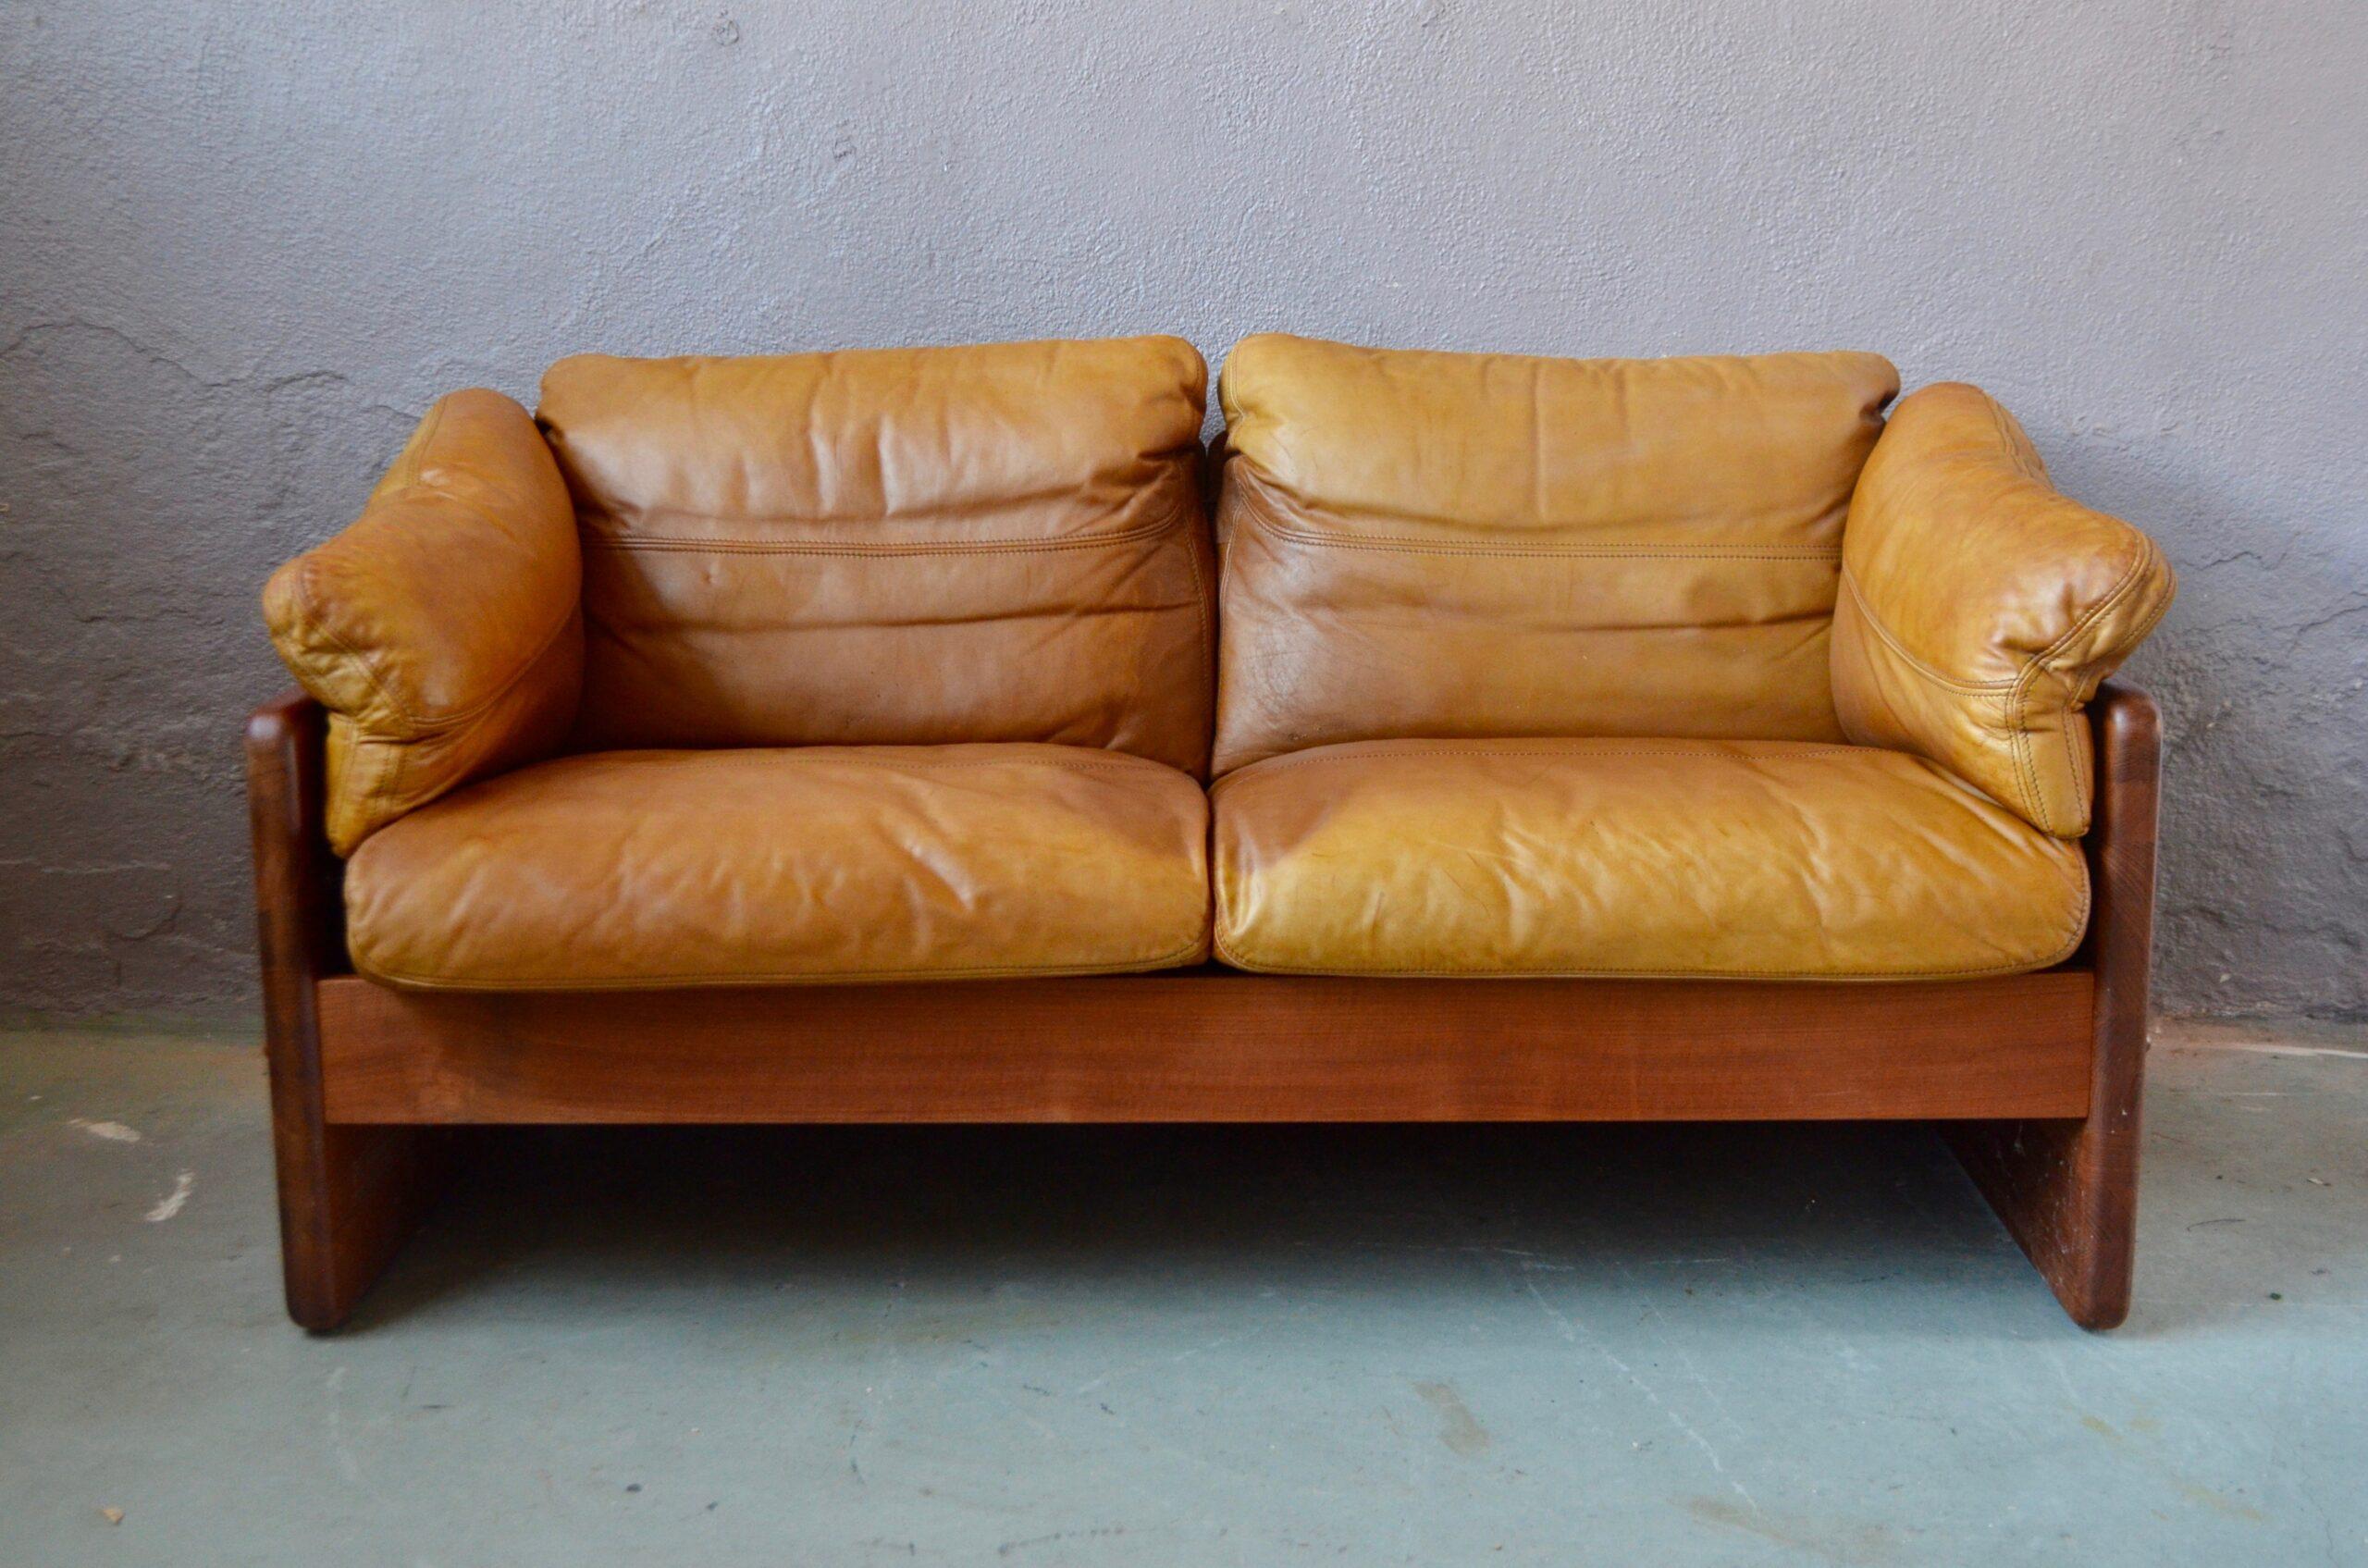 Canapé vintage en teck et cuir design danois brutalise éditeur mikael laursen années 60